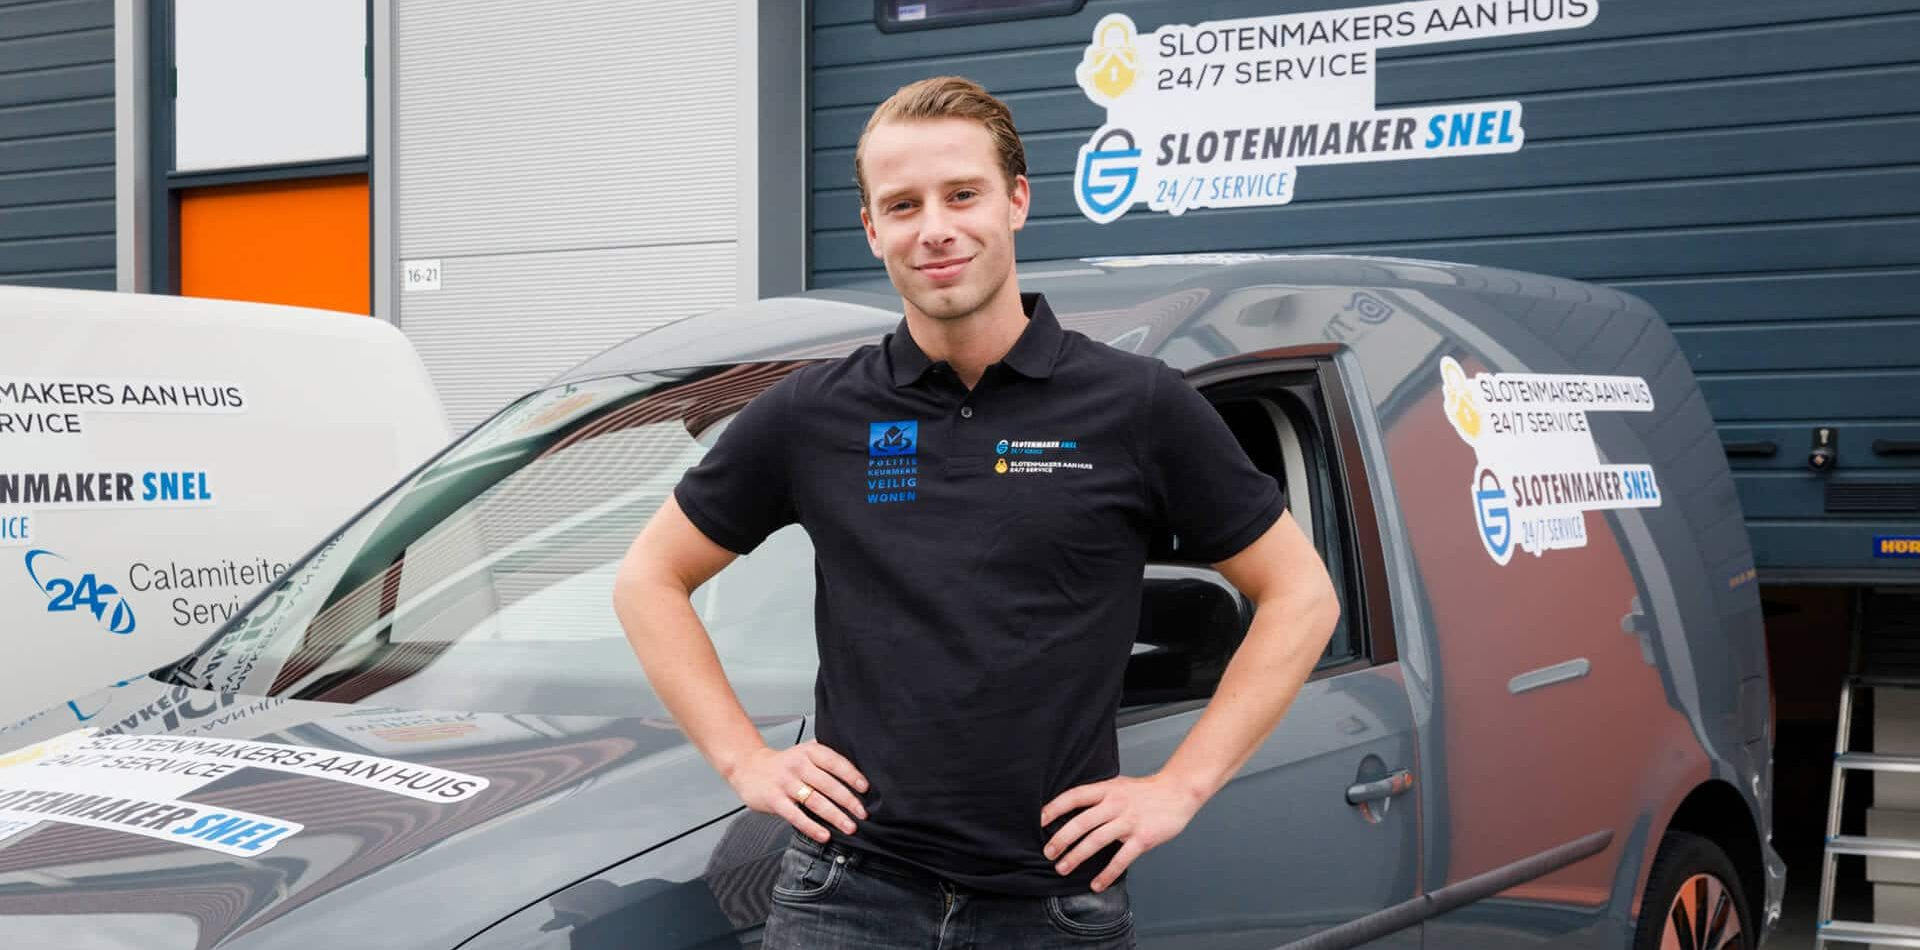 Slotenmaker Bergschenhoek